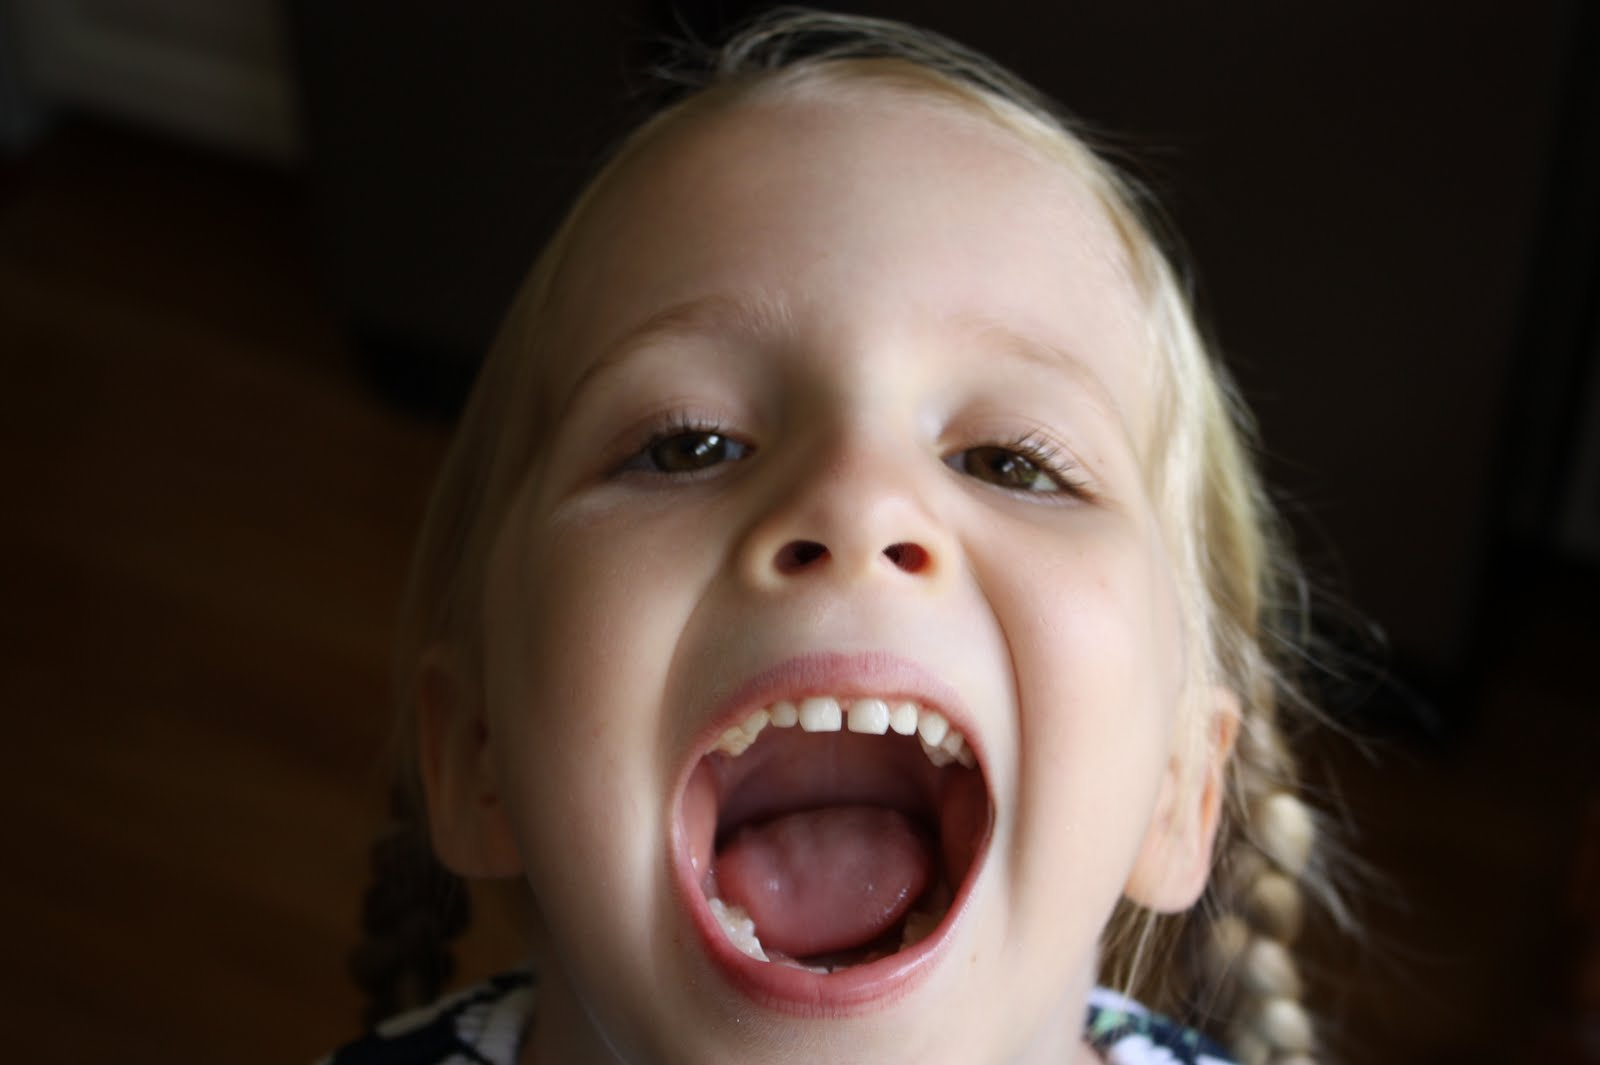 Смотреть конча в рот не вынимая, Подборка сперма в рот не вынимая -видео 1 фотография